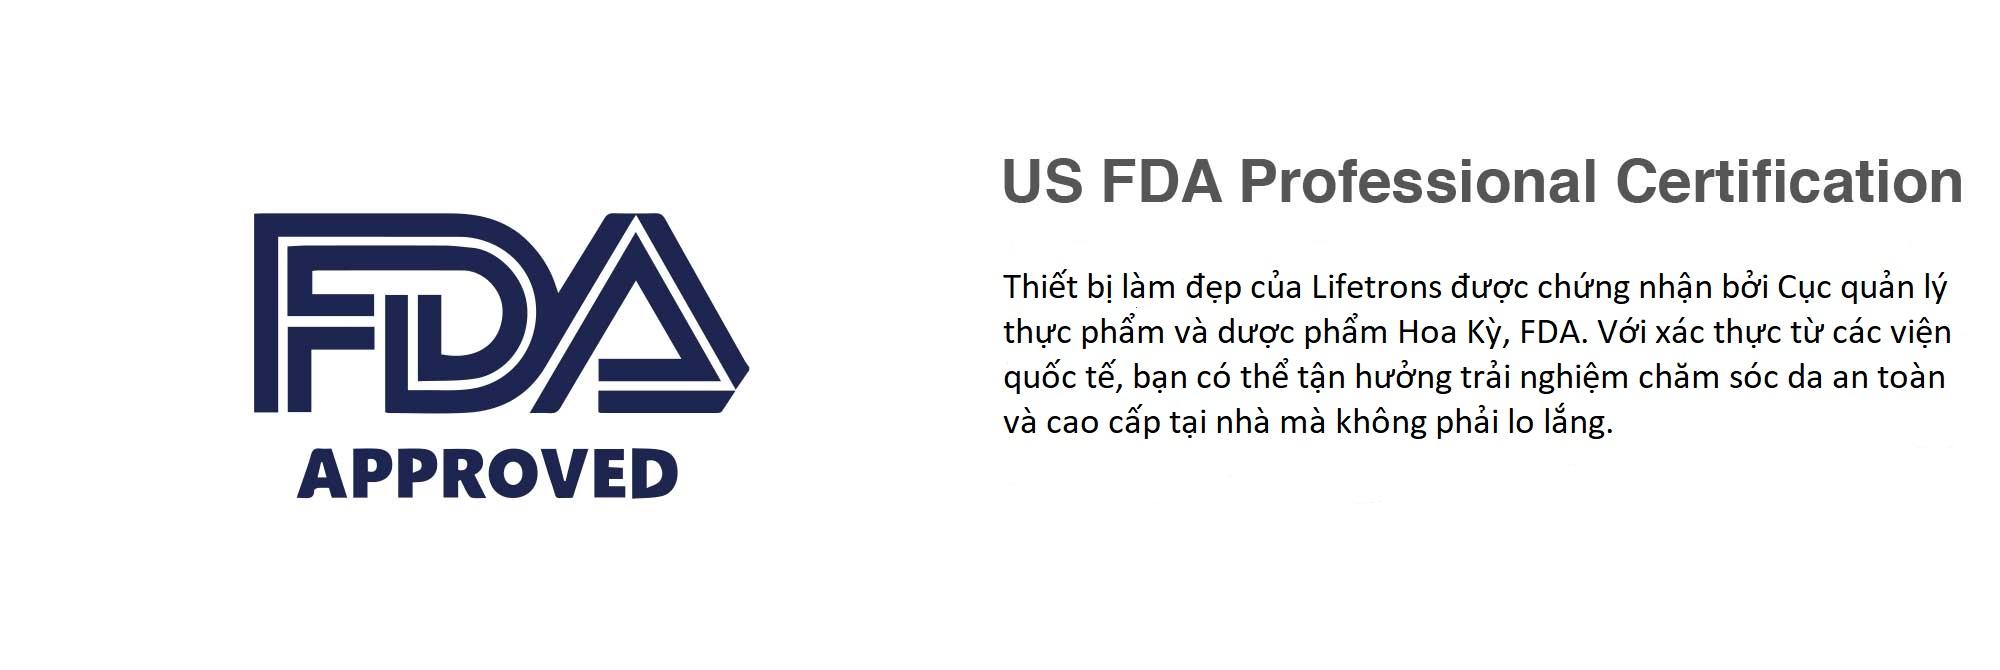 Chứng nhận FDA về an toàn các thiết bị Lifetrons